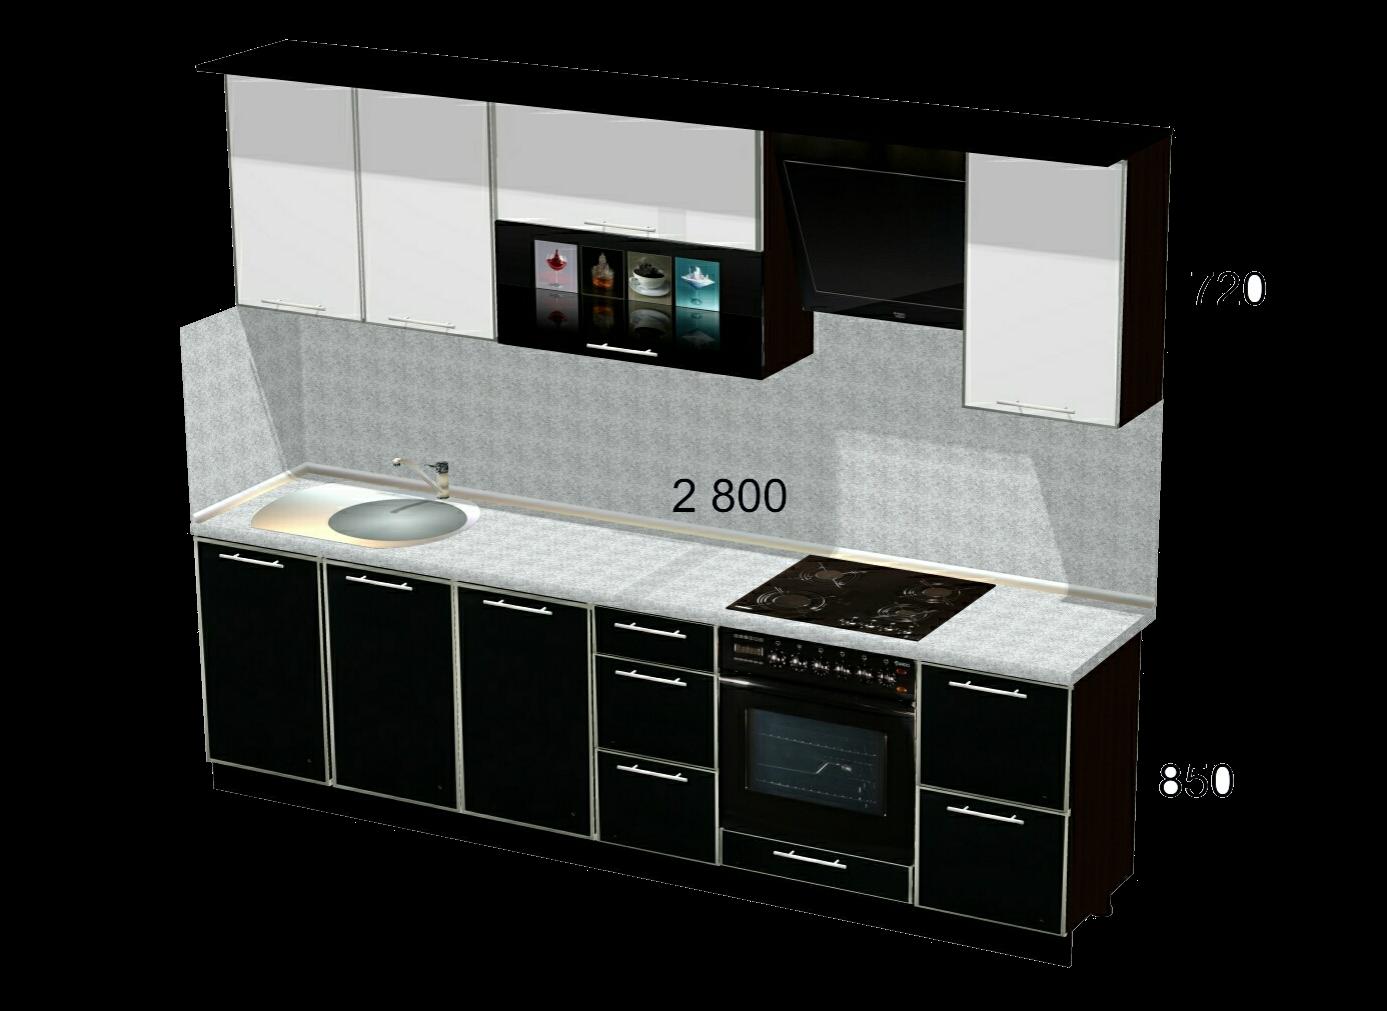 пластиковая кухня в алюминиевой рамке фото